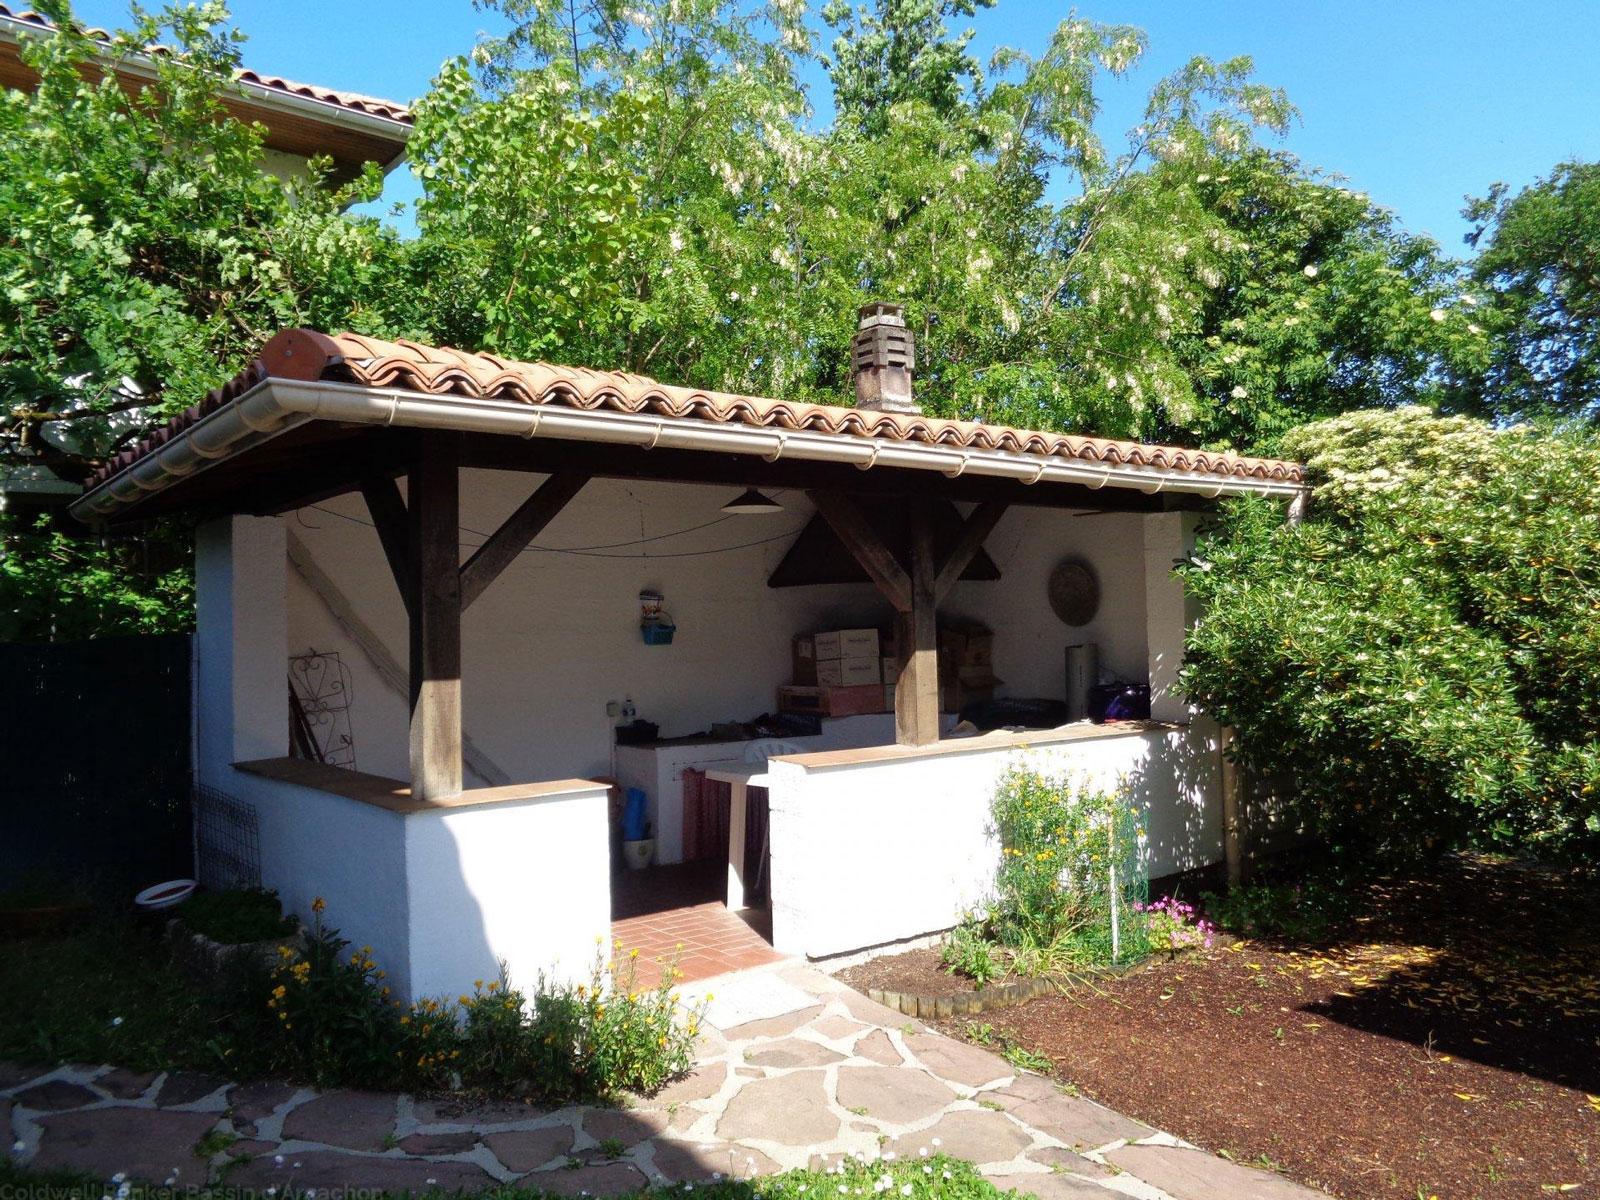 Vente maison villa bordeaux talence belle maison familiale de 4 chambres vendre coldwell - Belles maisons bordeaux ...